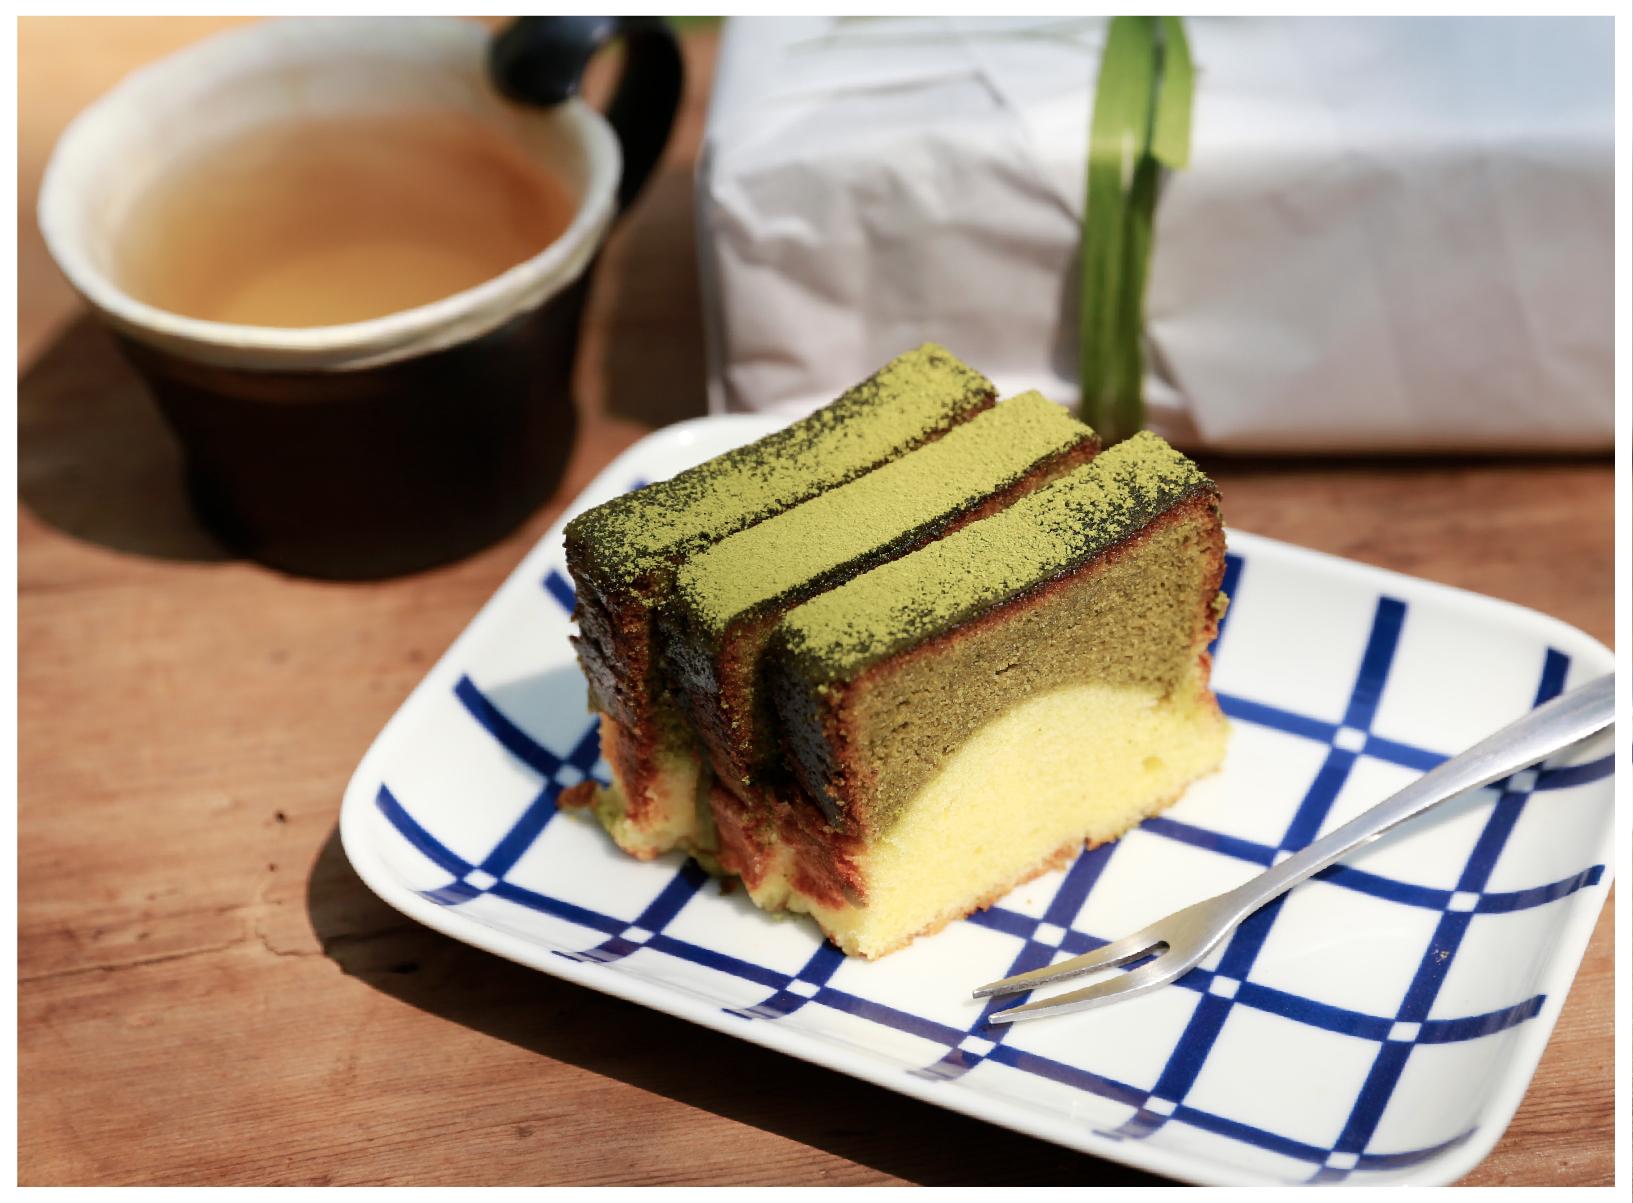 三峽碧螺春磅蛋糕 三峽碧螺春茶粉像是日本的宇治抹茶那樣有著屬於自己的獨特香氣,而且沒有任何添加物,成為來甘樂食堂裡的人氣手工蛋糕,配上一杯碧螺春綠茶,給您最具代表三峽的午茶體驗!   甘樂食堂下午茶   古厝裡的美味時光